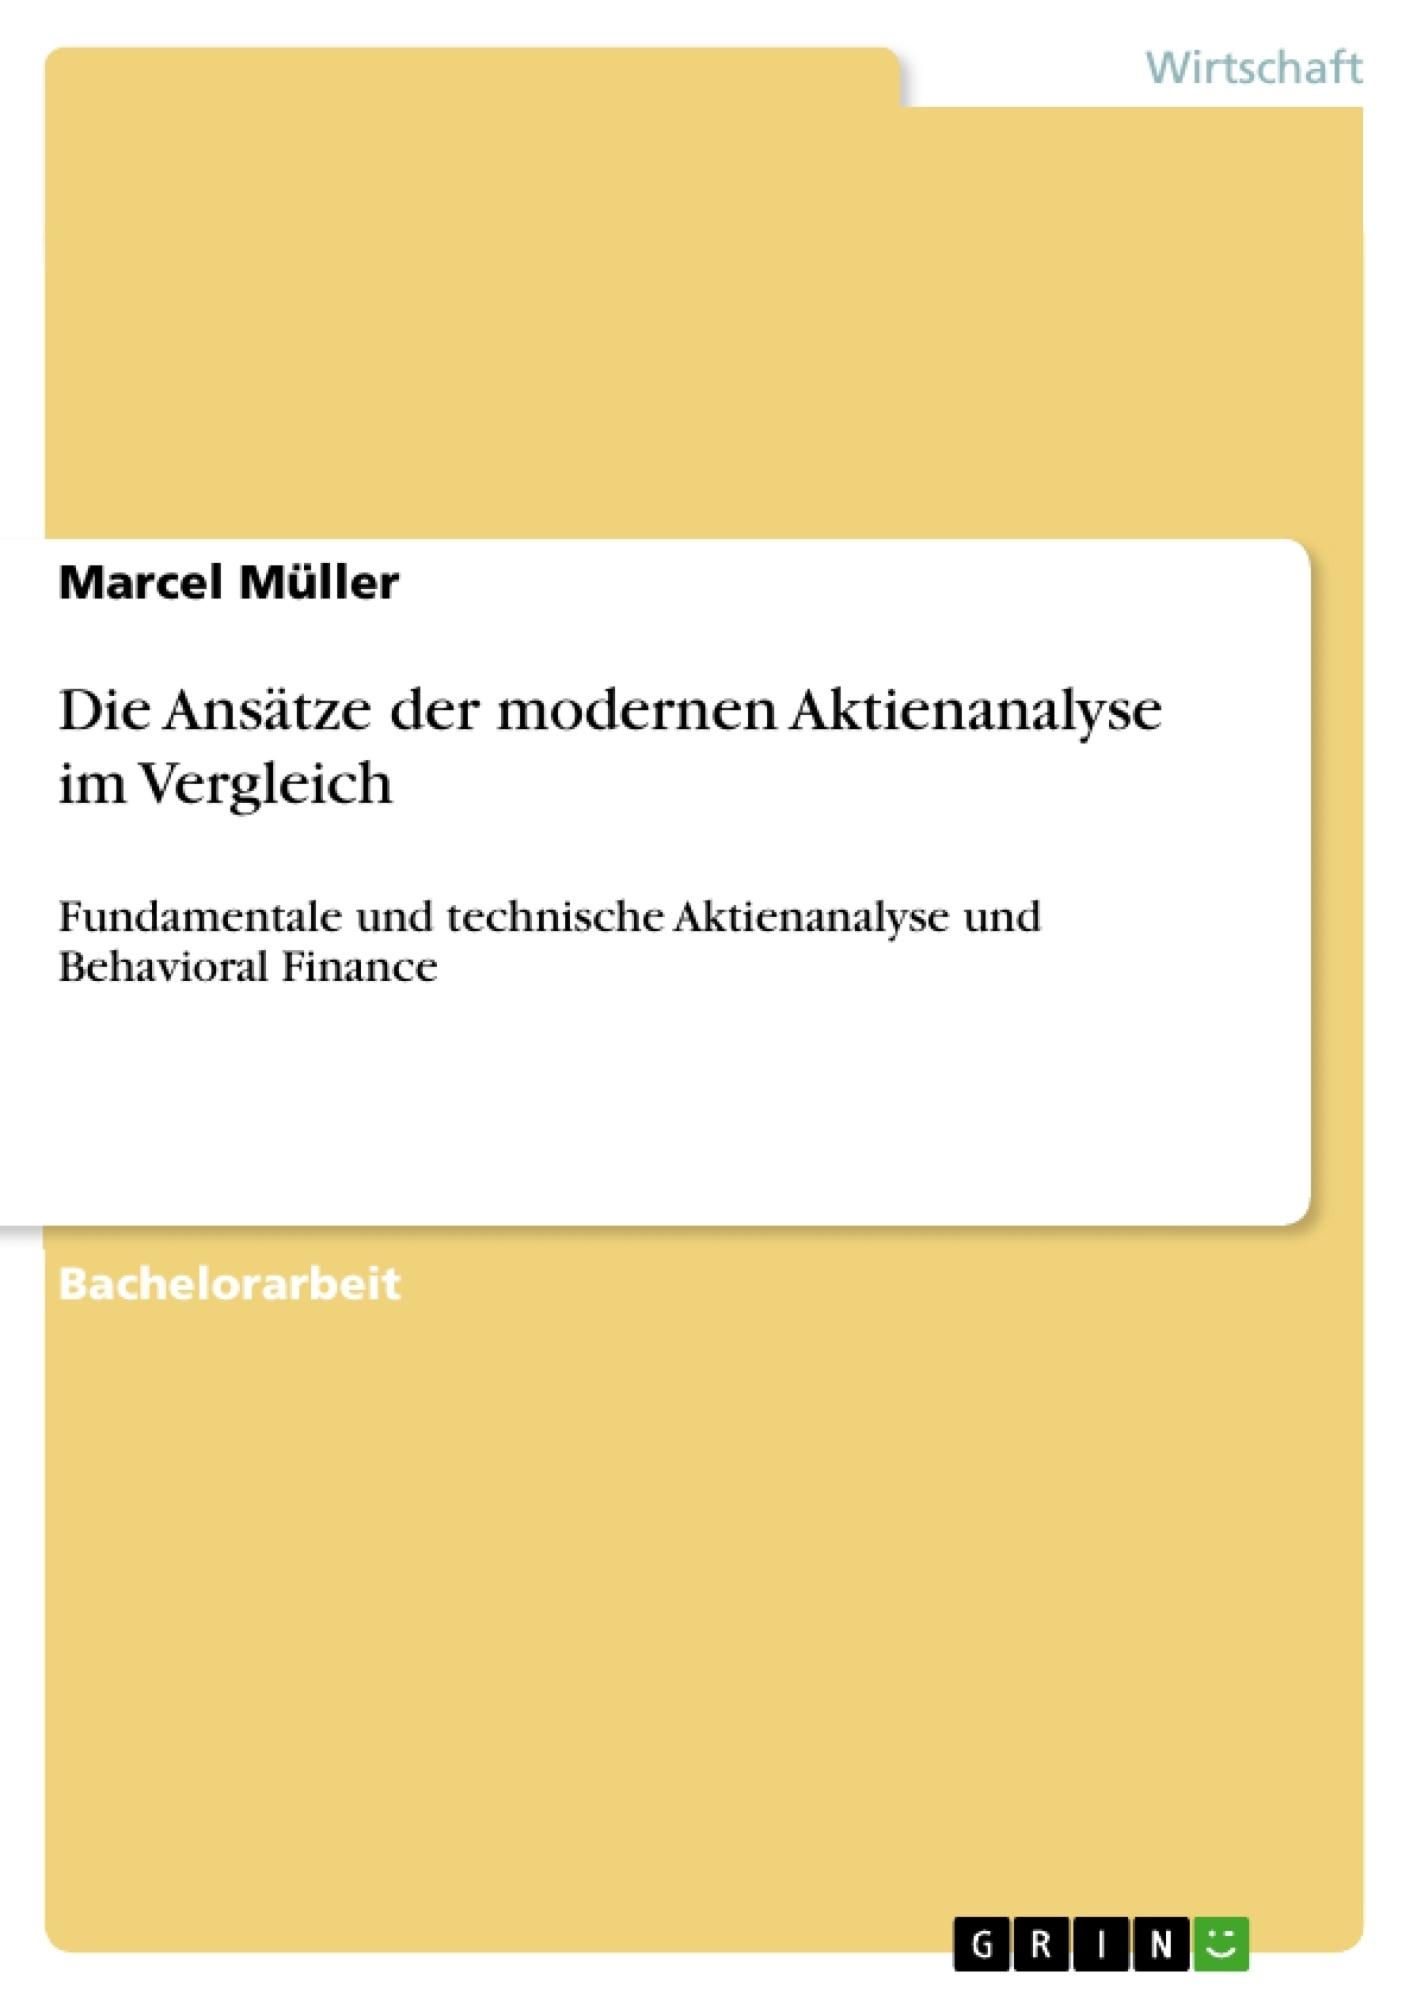 Titel: Die Ansätze der modernen Aktienanalyse im Vergleich